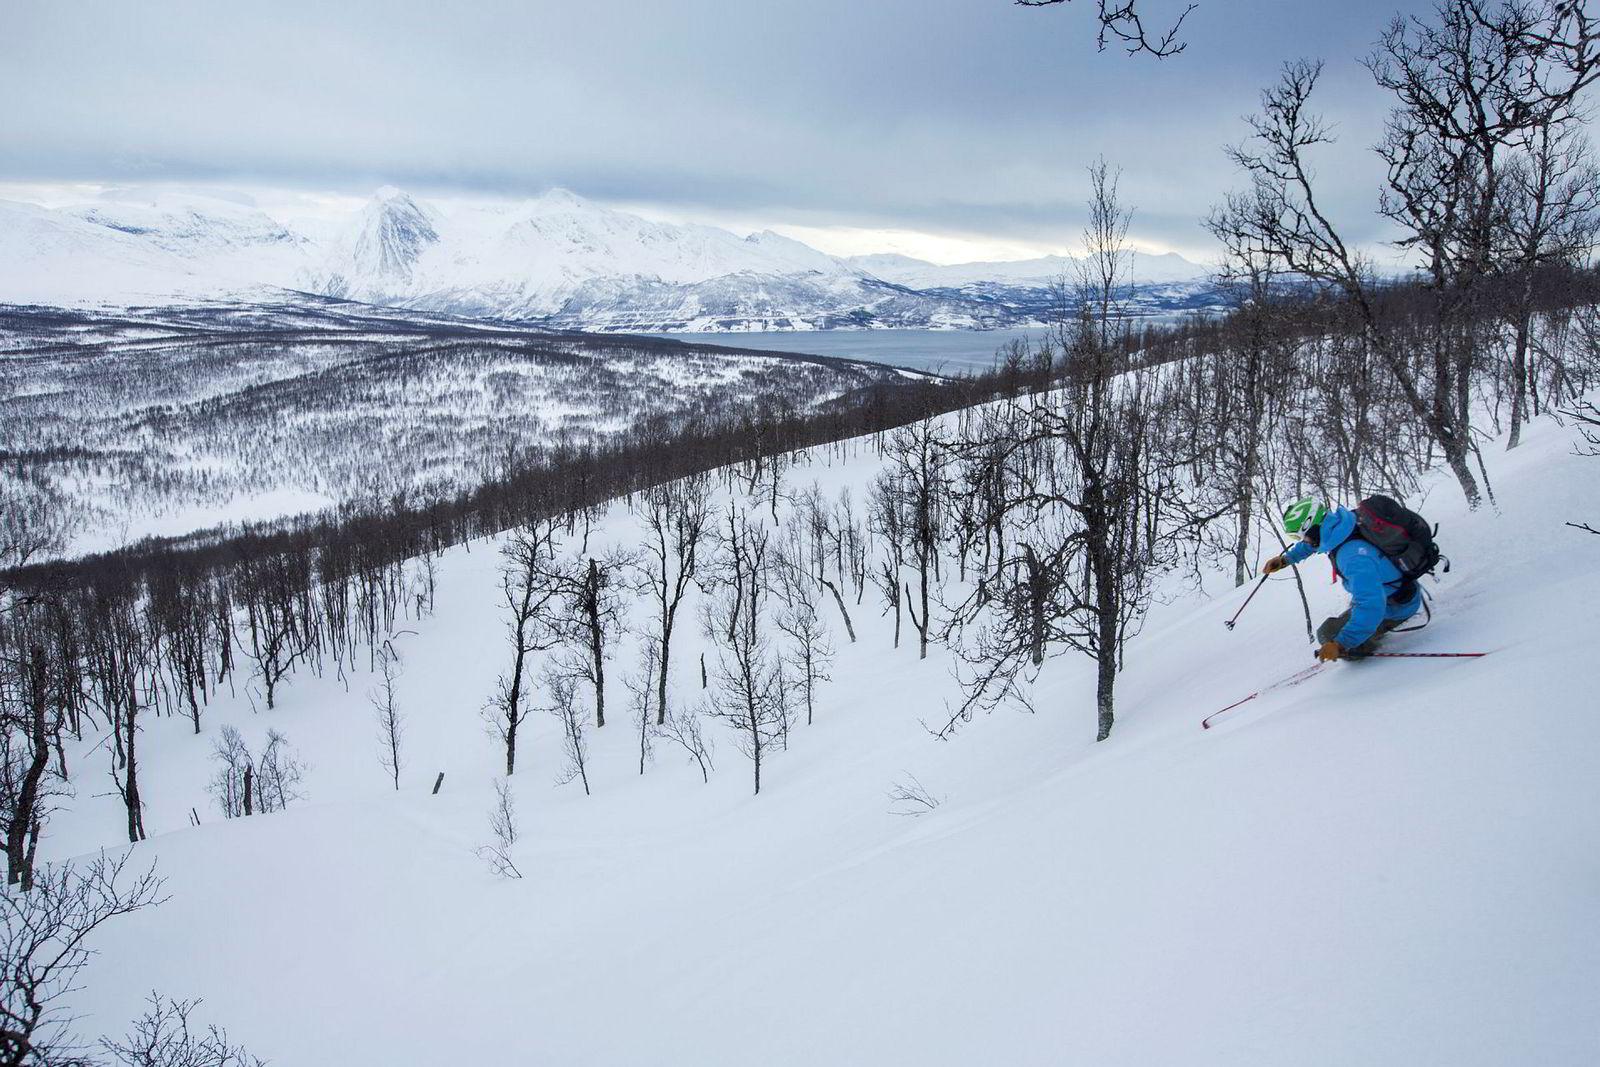 Før var ski bare ski, også for Jens-Egil Nysæther. Men ingenting slår følelsen av å kjøre på et par av sine egne når man har lagd et godpar.